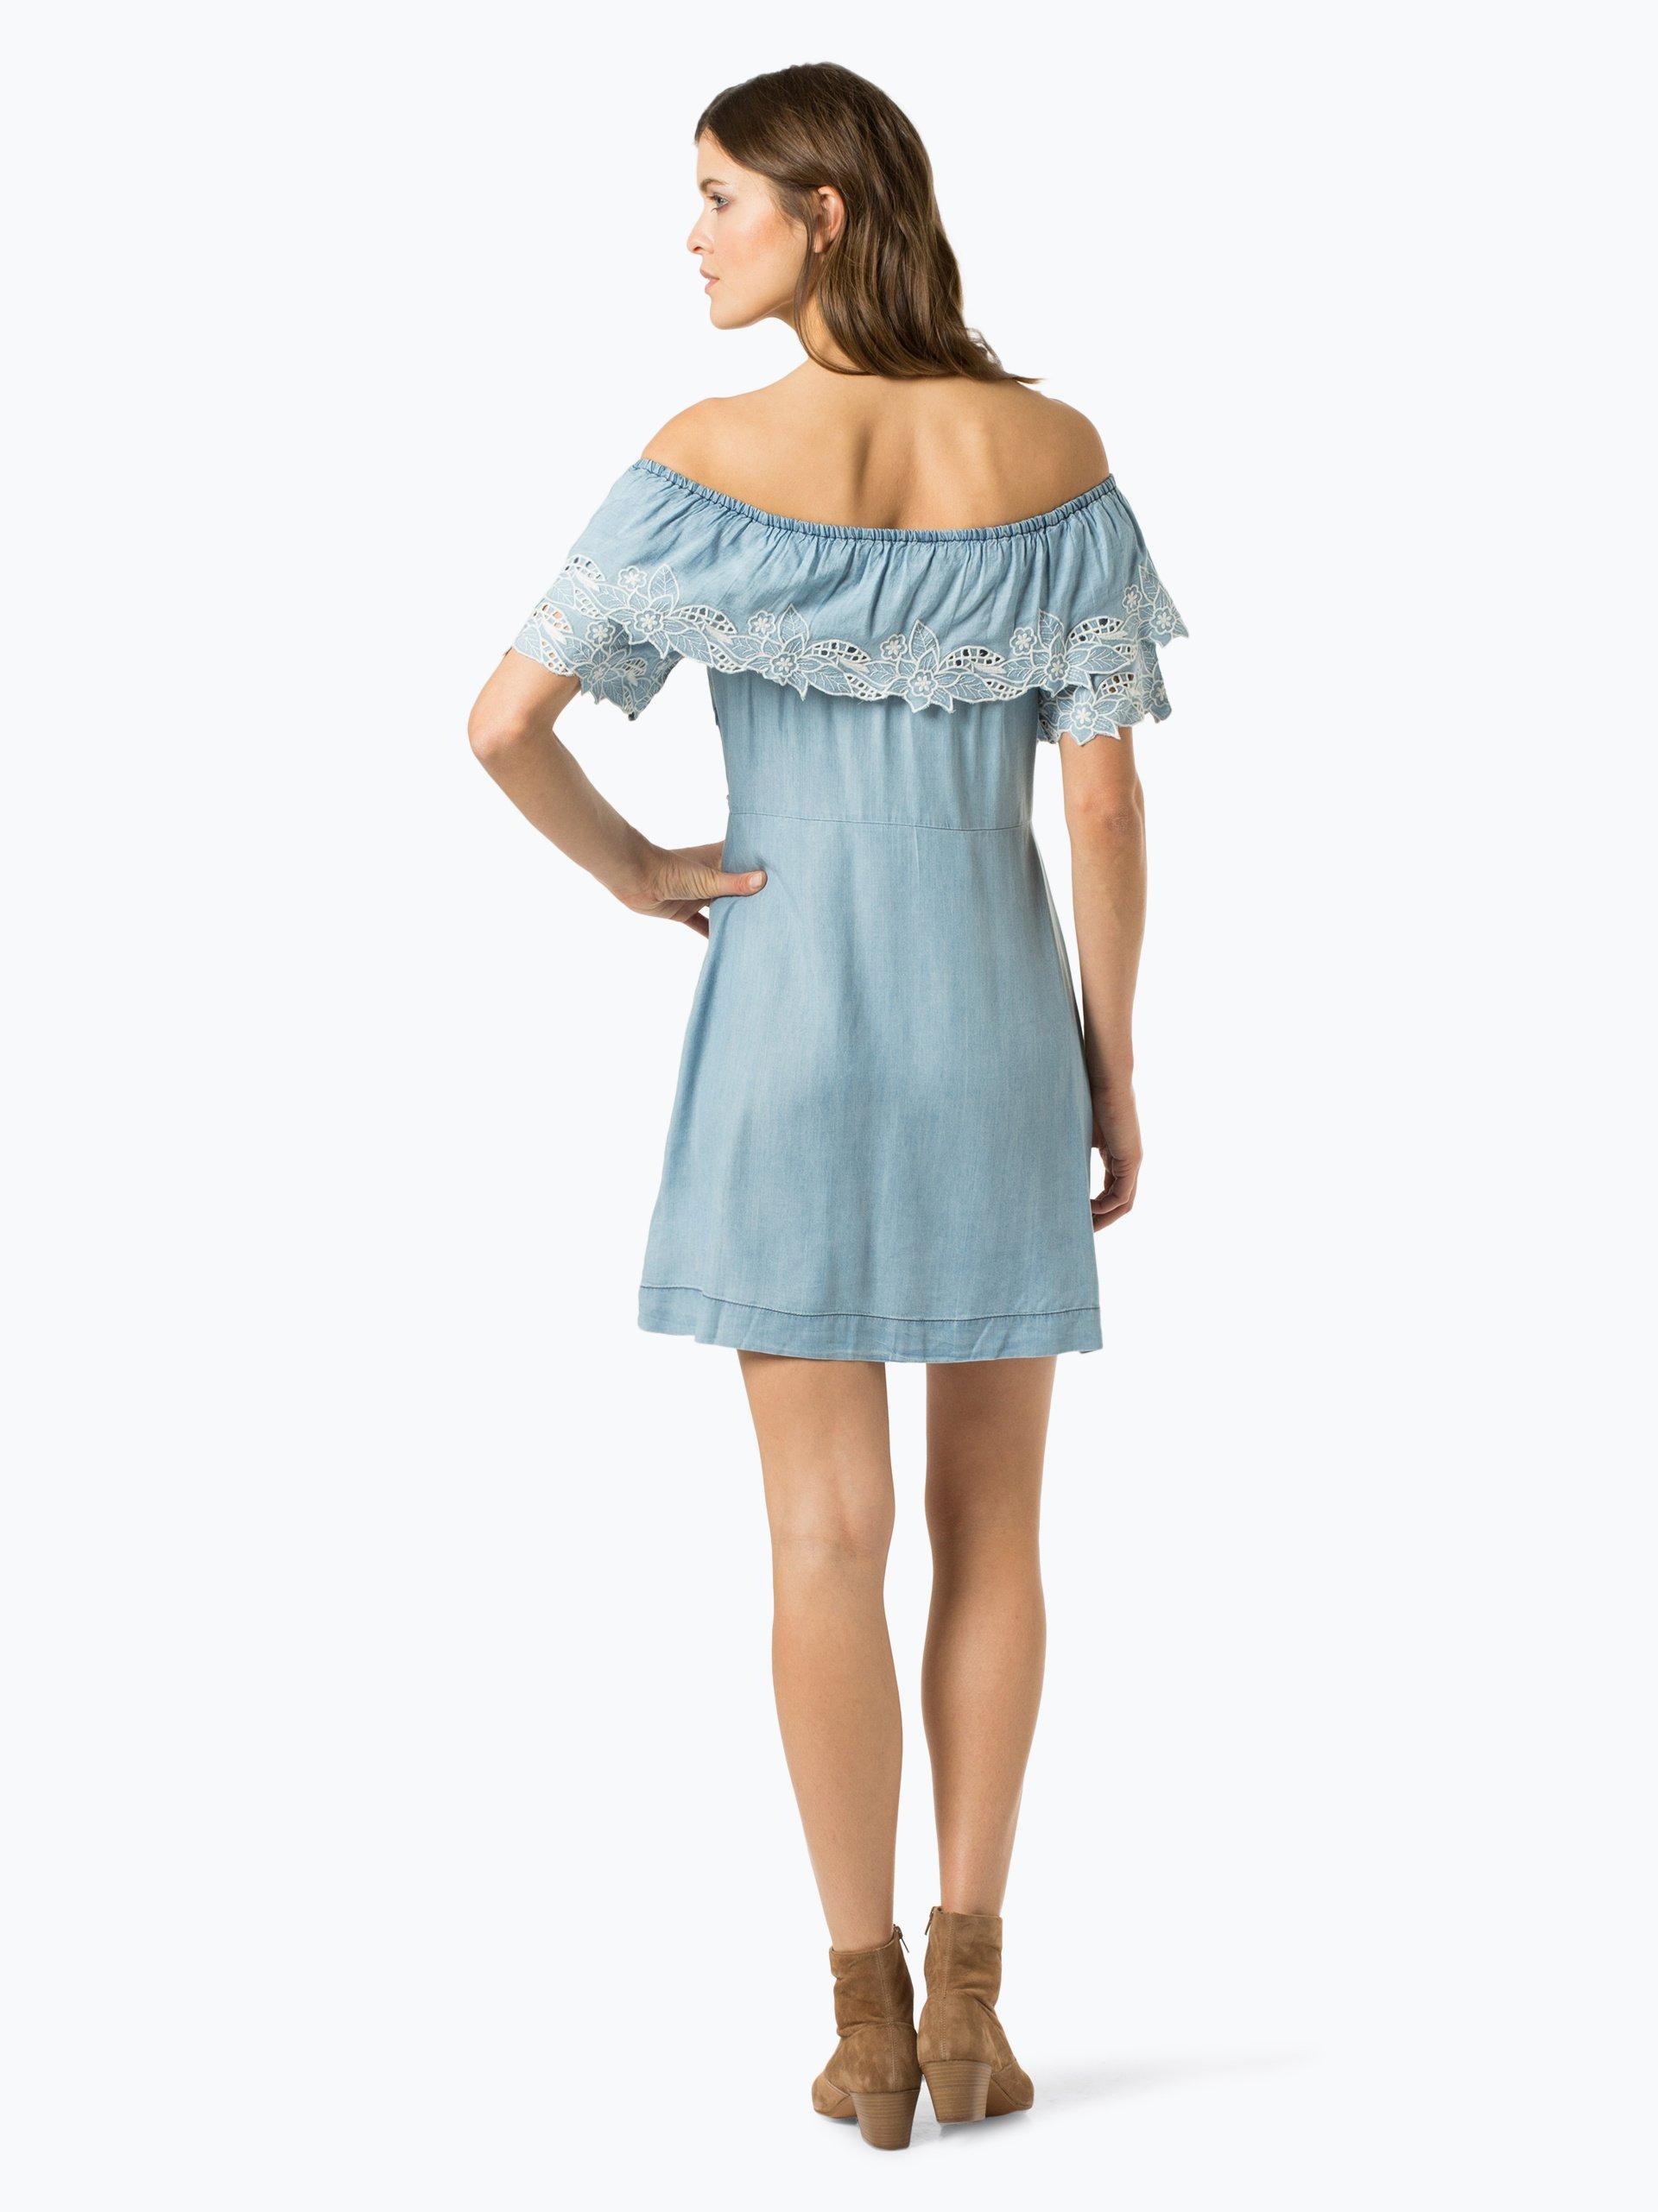 Pepe Jeans Damen Kleid - Ladies Dress